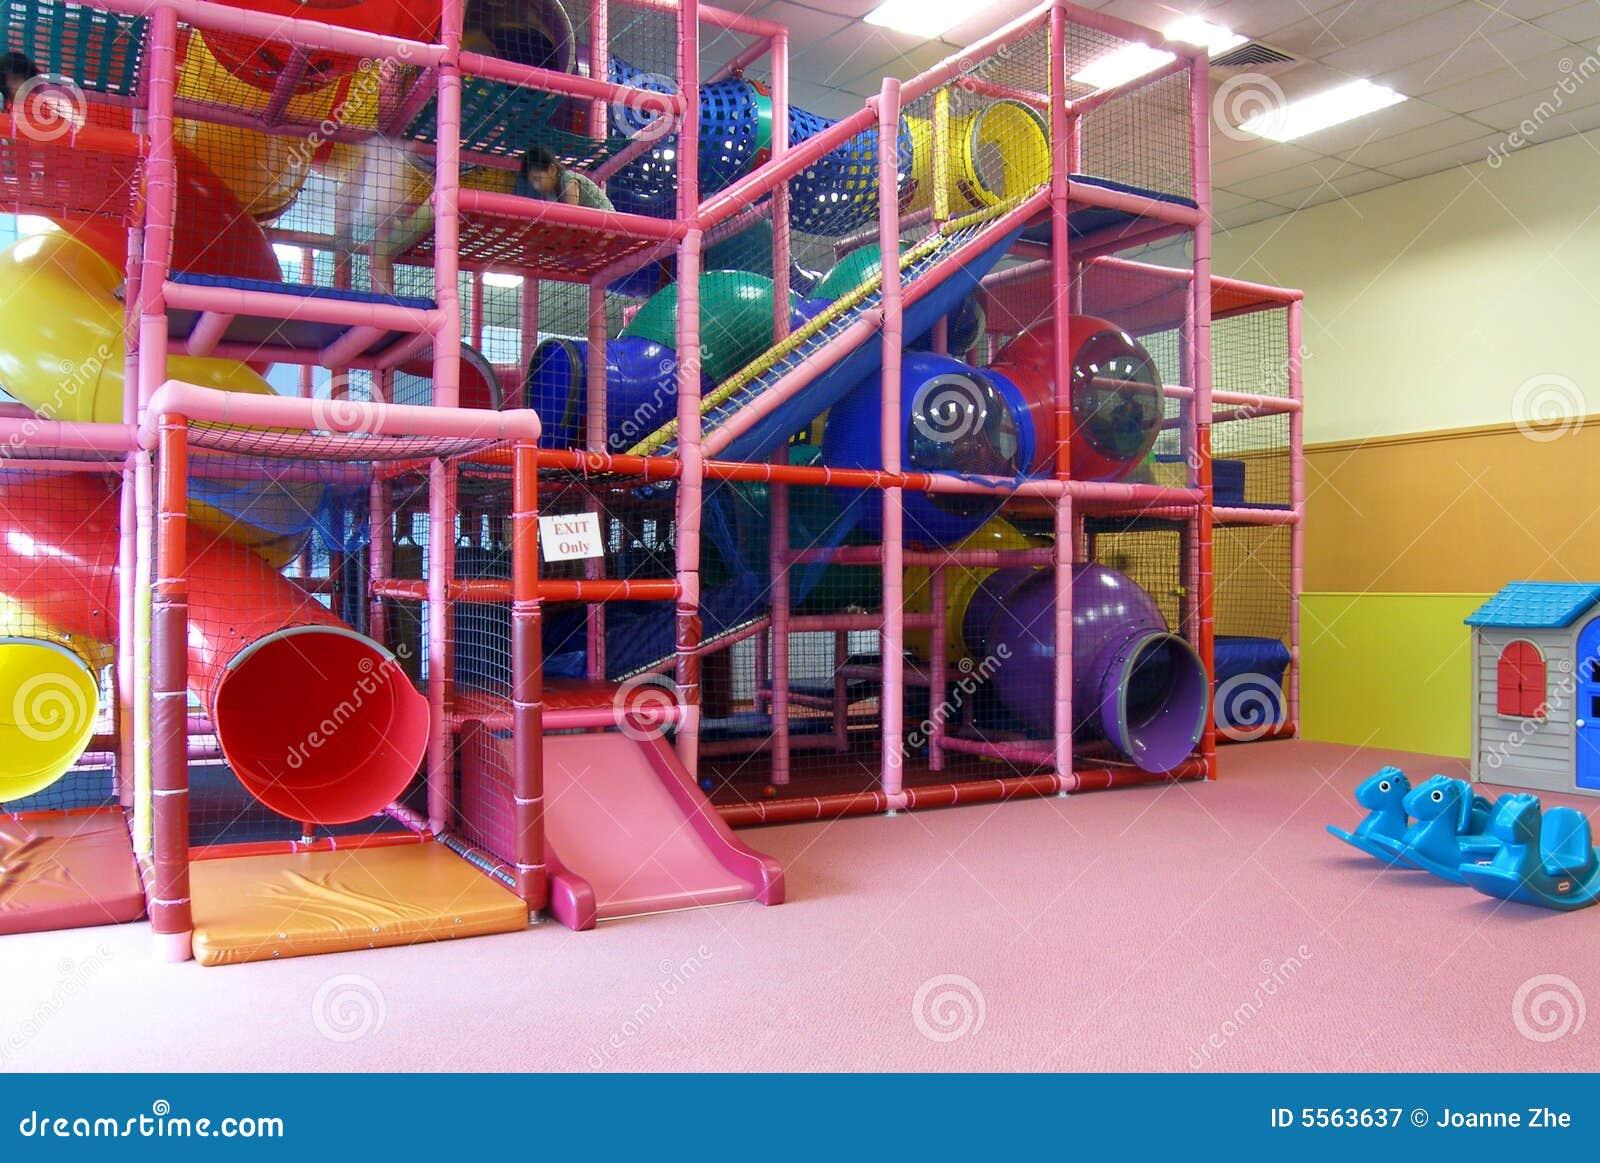 Patio de interior de los niños